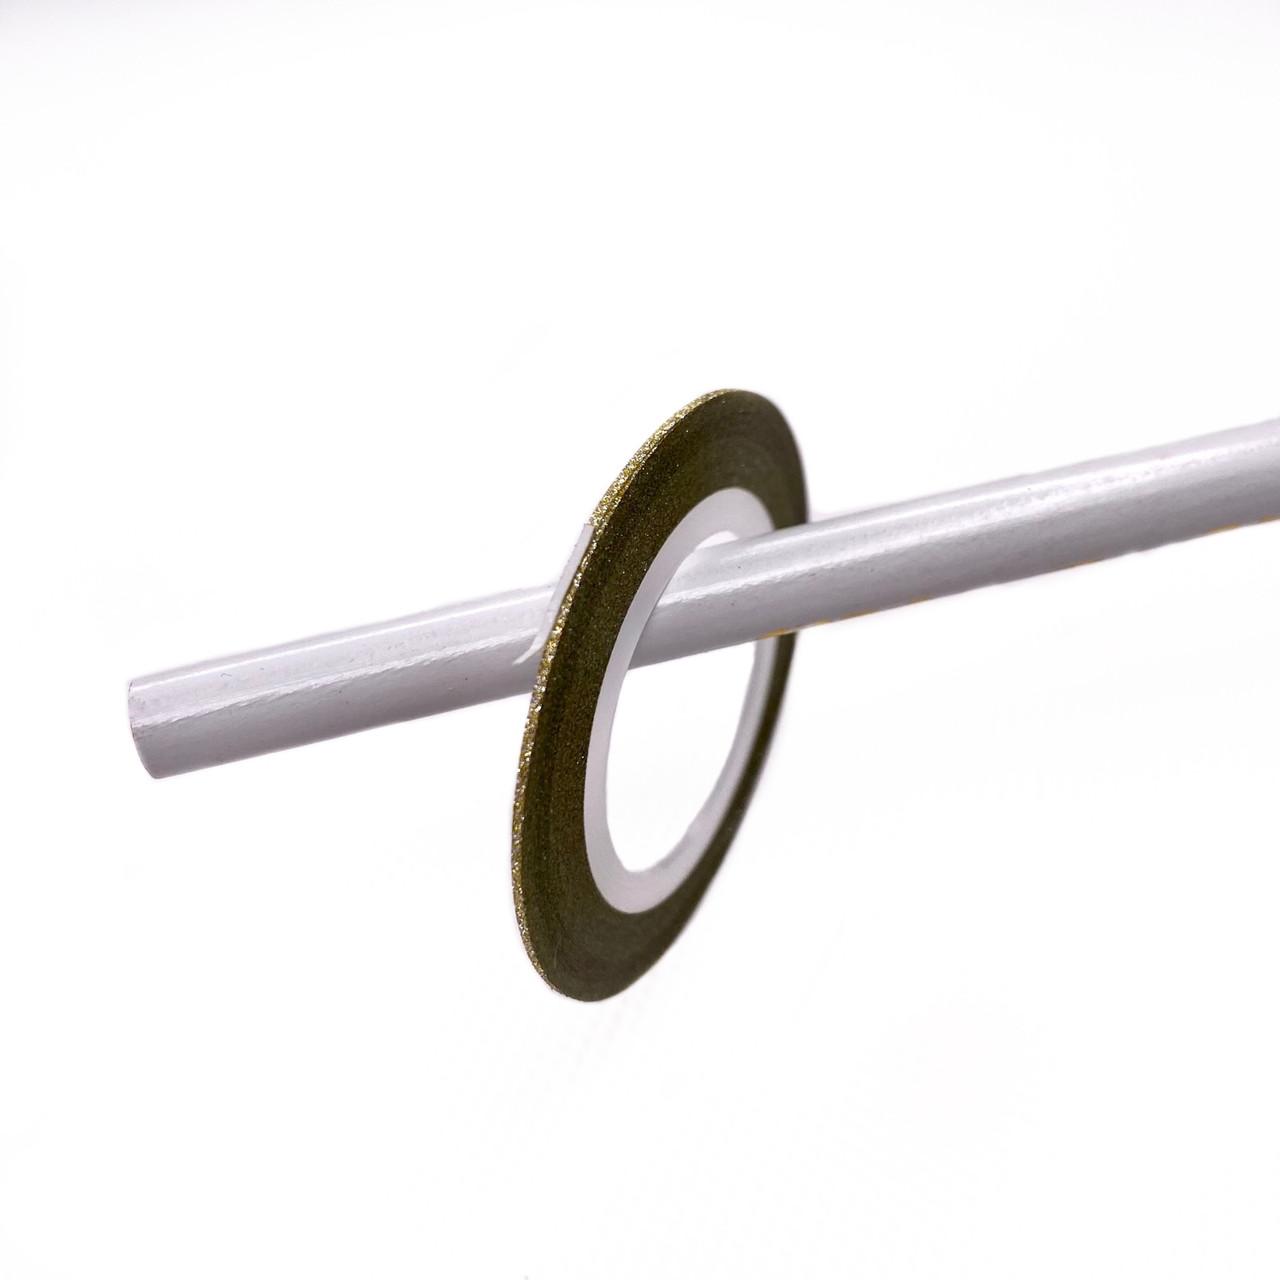 Лента-скотч для дизайна ногтей липкая (золото блеск) 1 мм